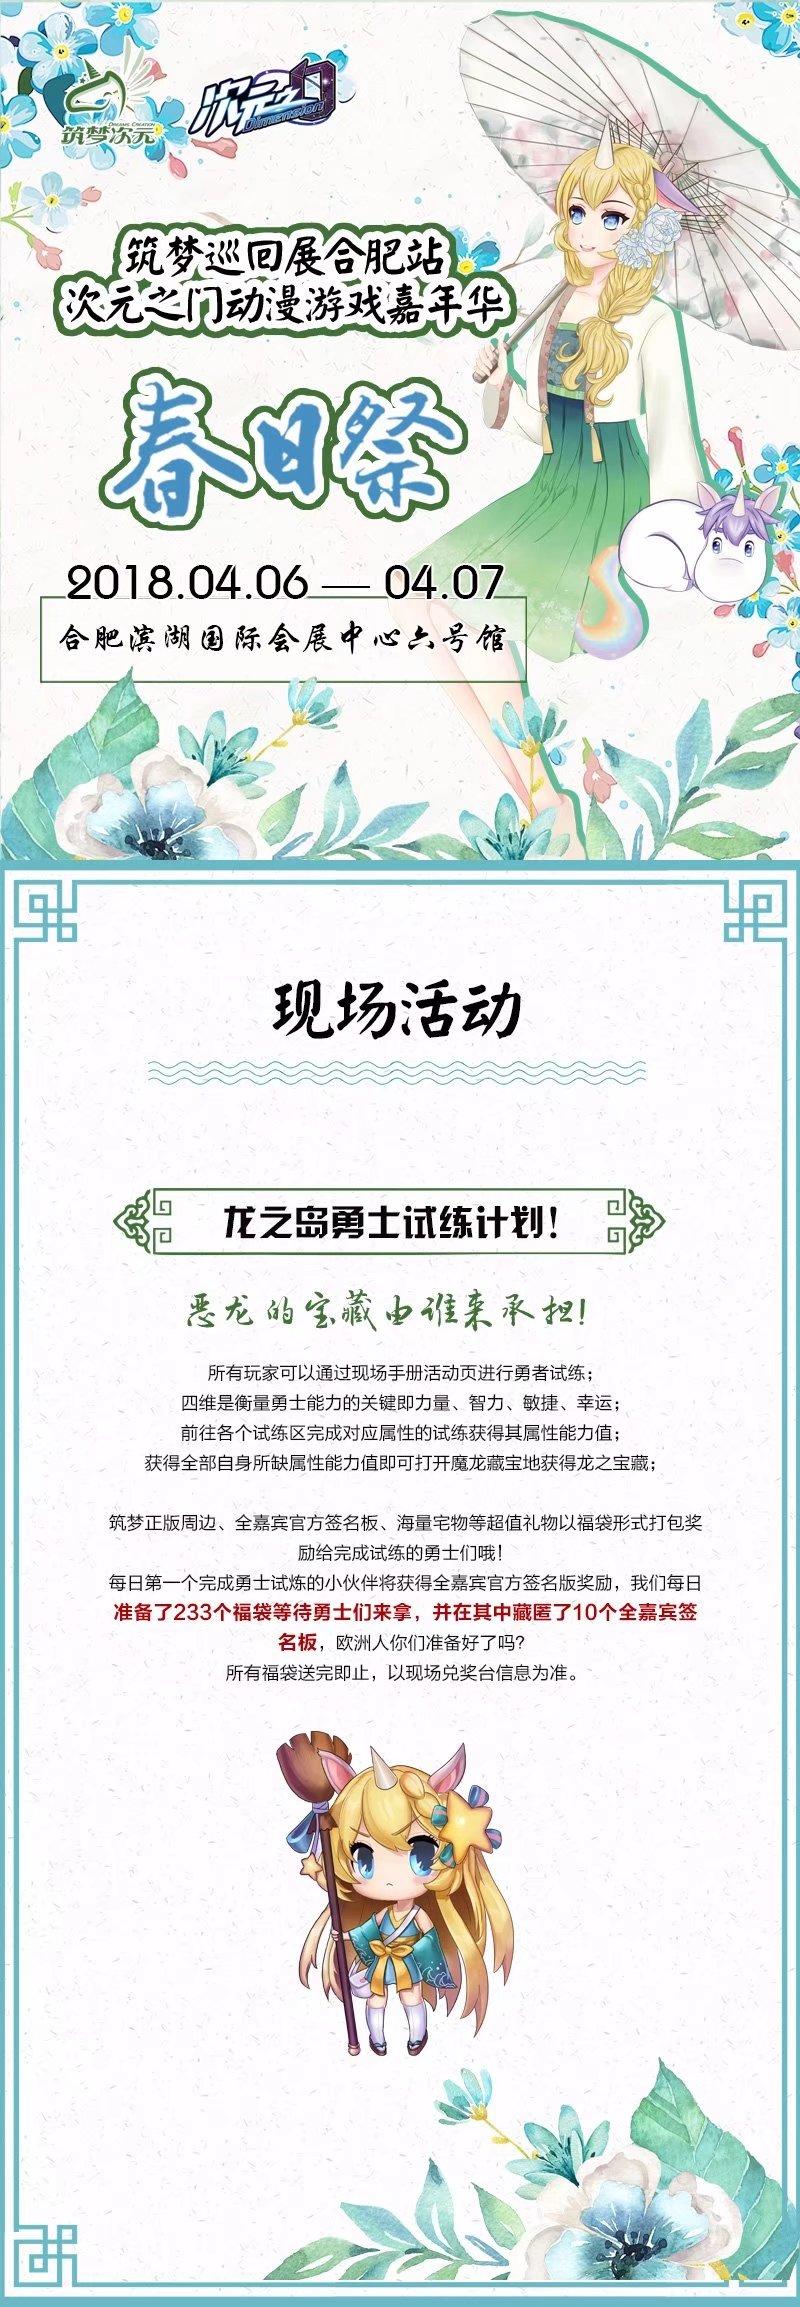 筑梦巡回展合肥站 次元之门动漫游戏嘉年华-ANICOGA